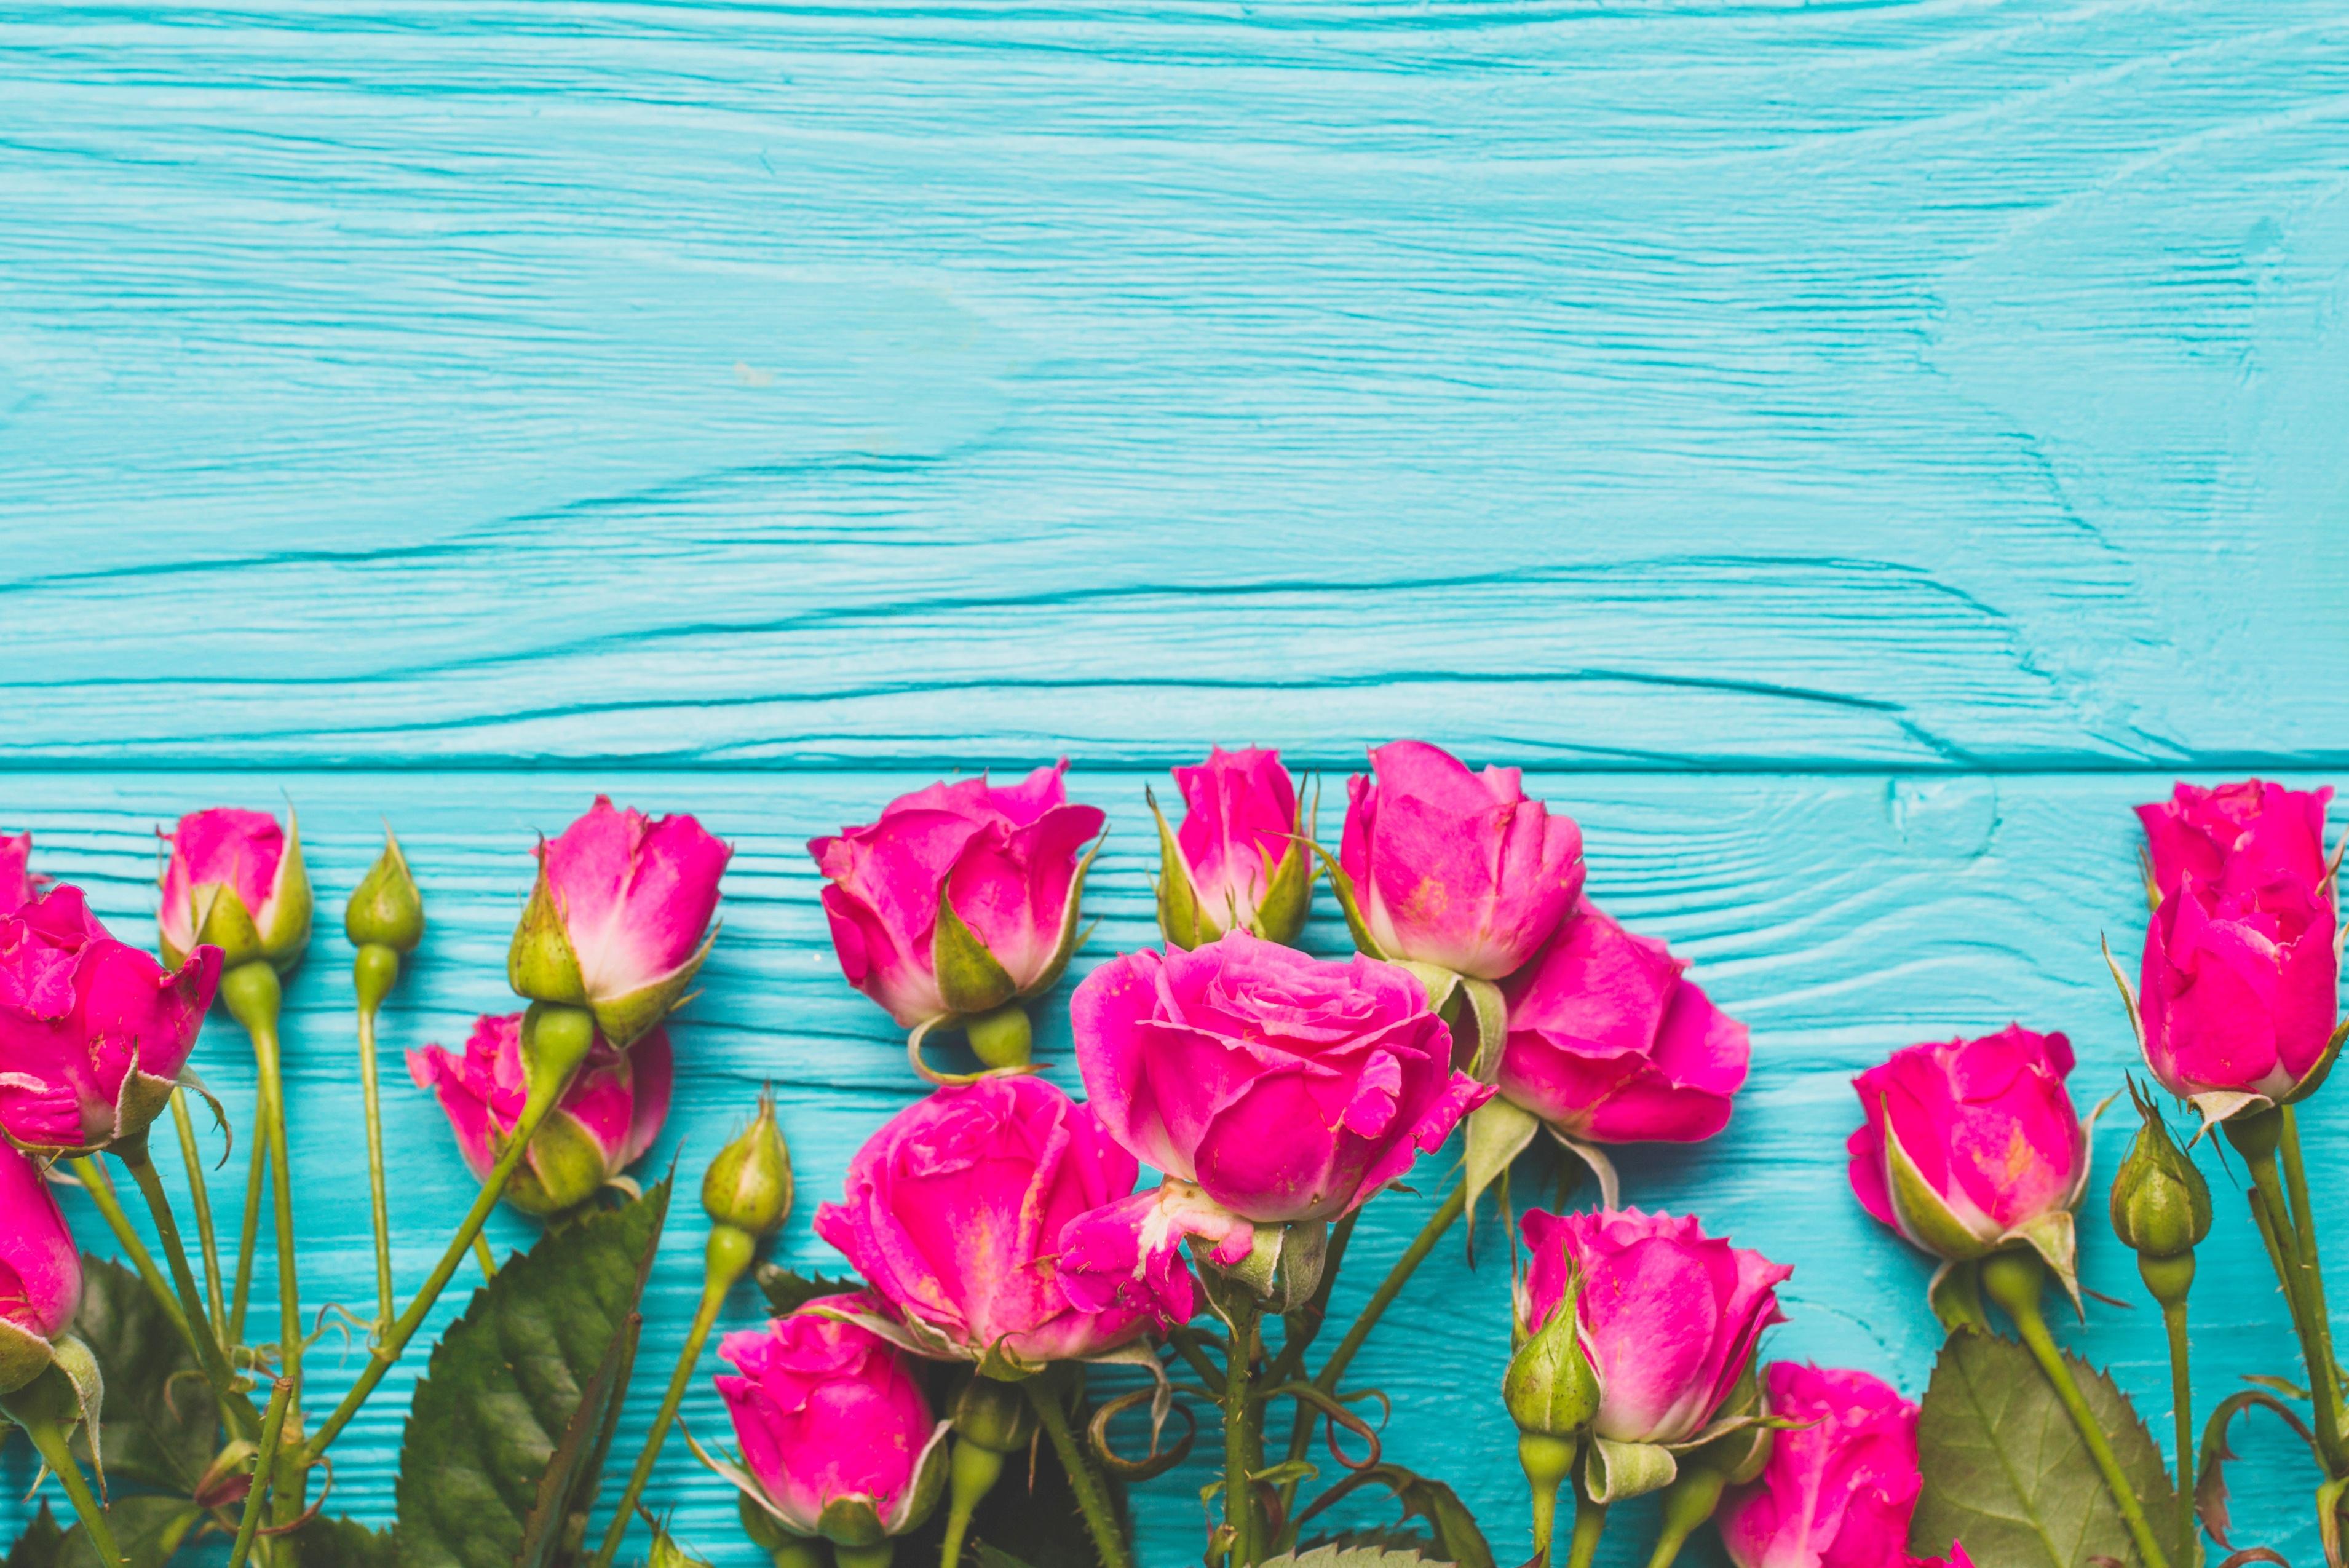 Картинки бирюза с розовым